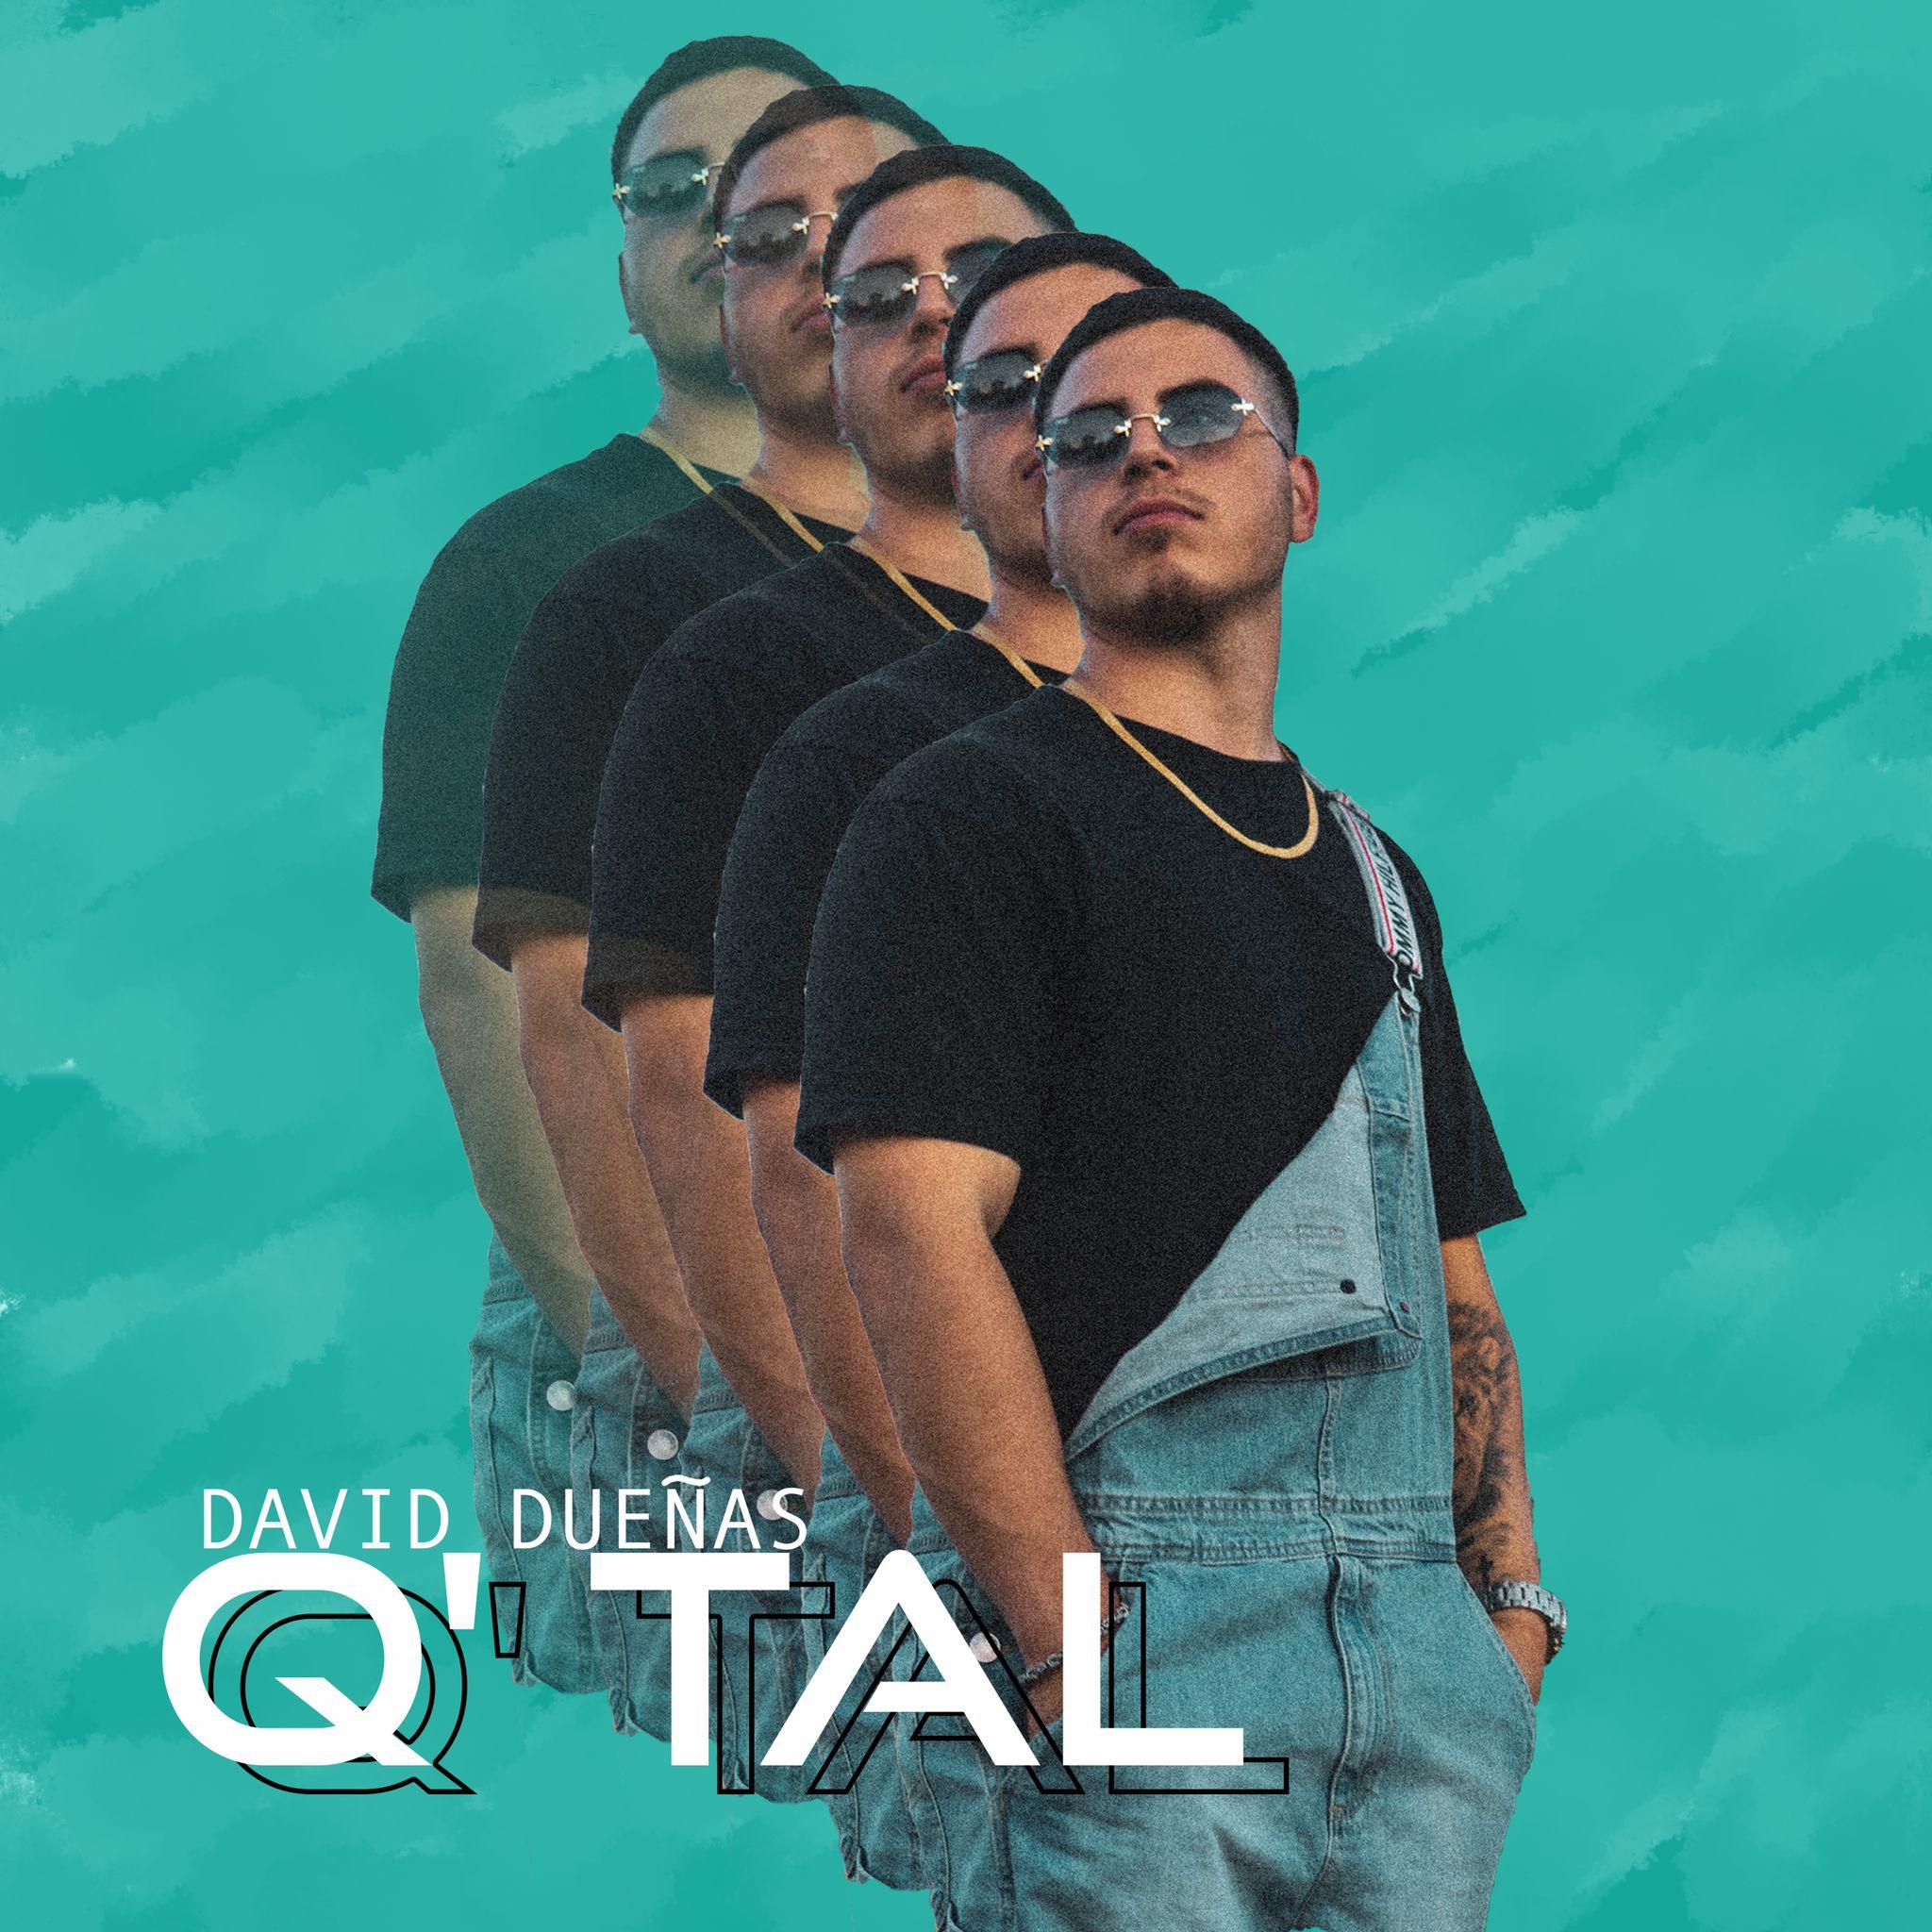 El cantante colombiano David Dueñas presenta 'Q' Tal' Una oda a la conquista – @DavidDuenas97